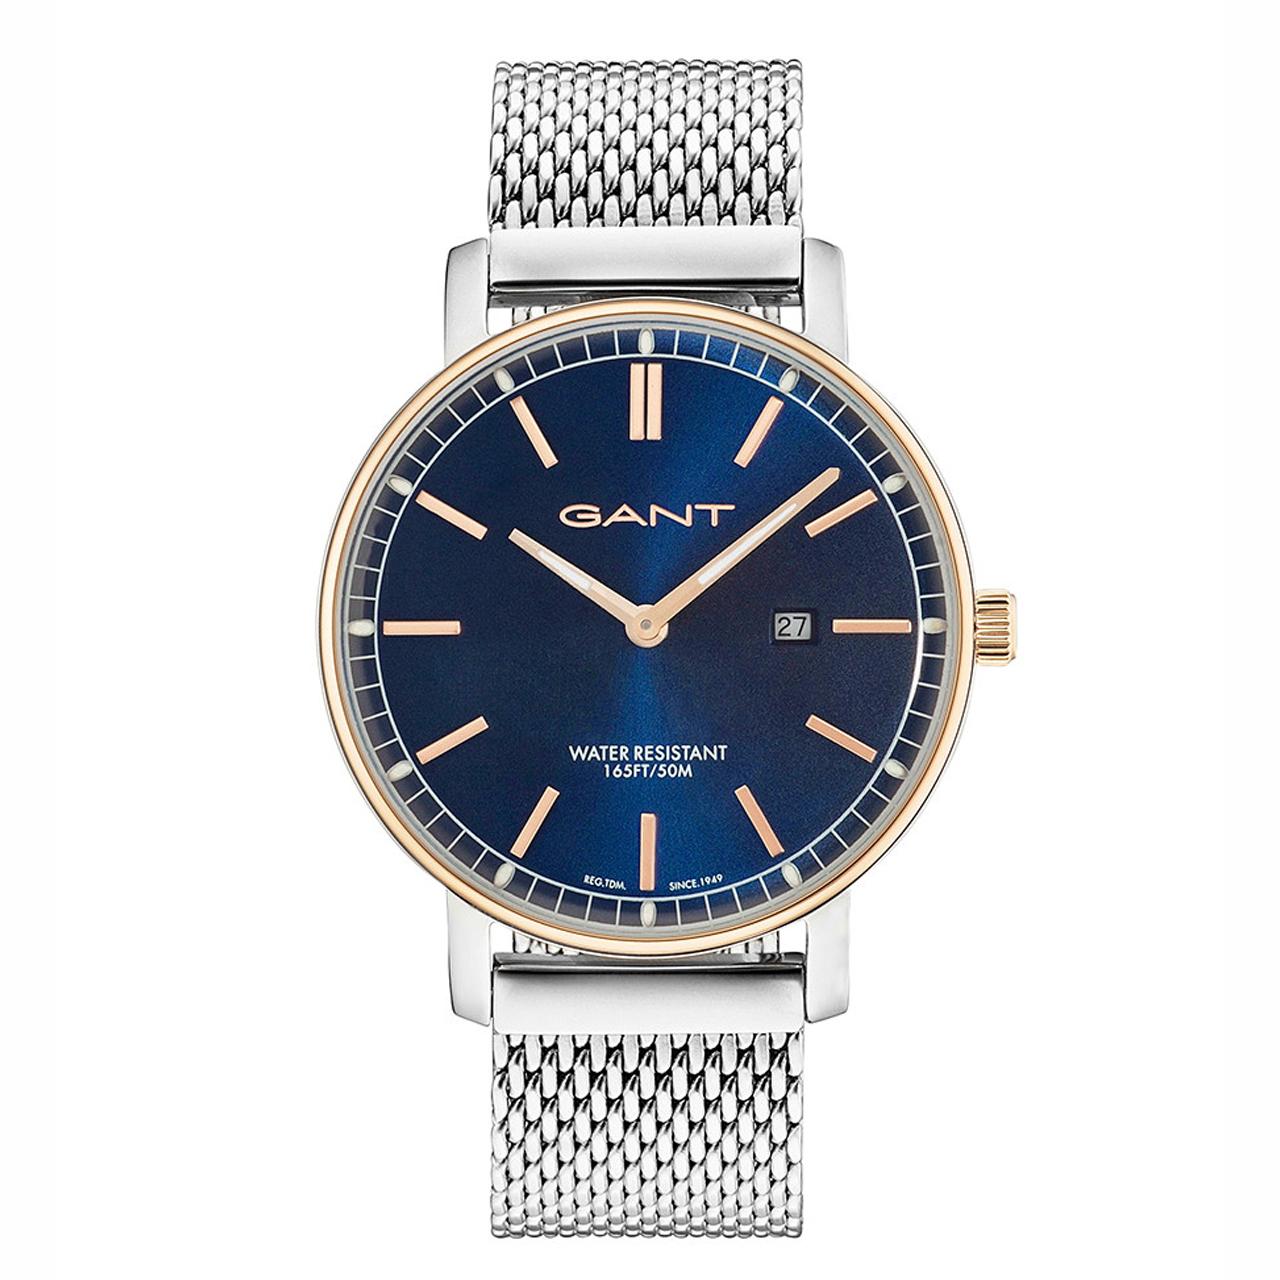 ساعت مچی عقربه ای مردانه گنت مدل GW006018